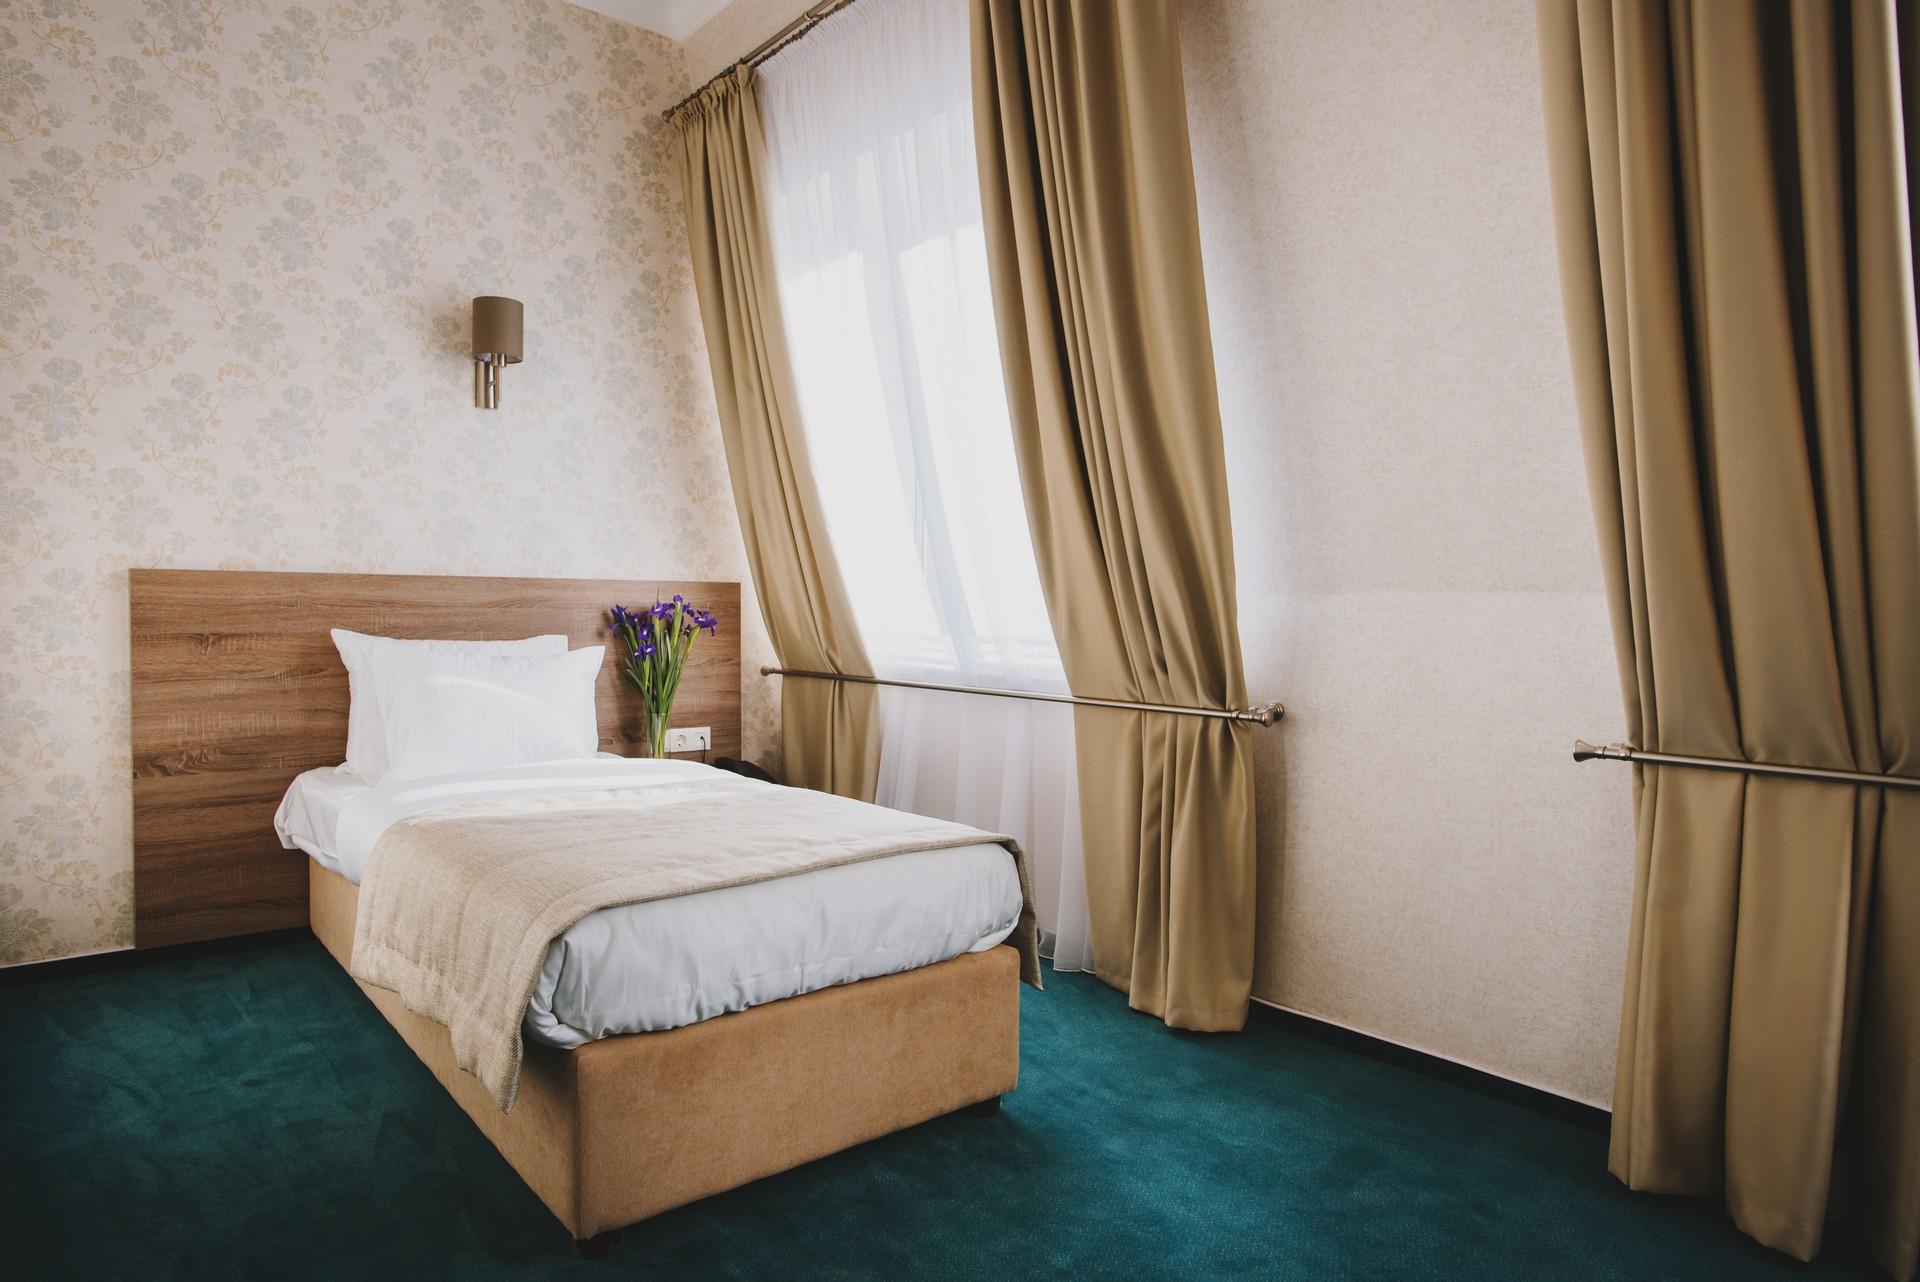 номен стандарт одноместный - Алькор отель